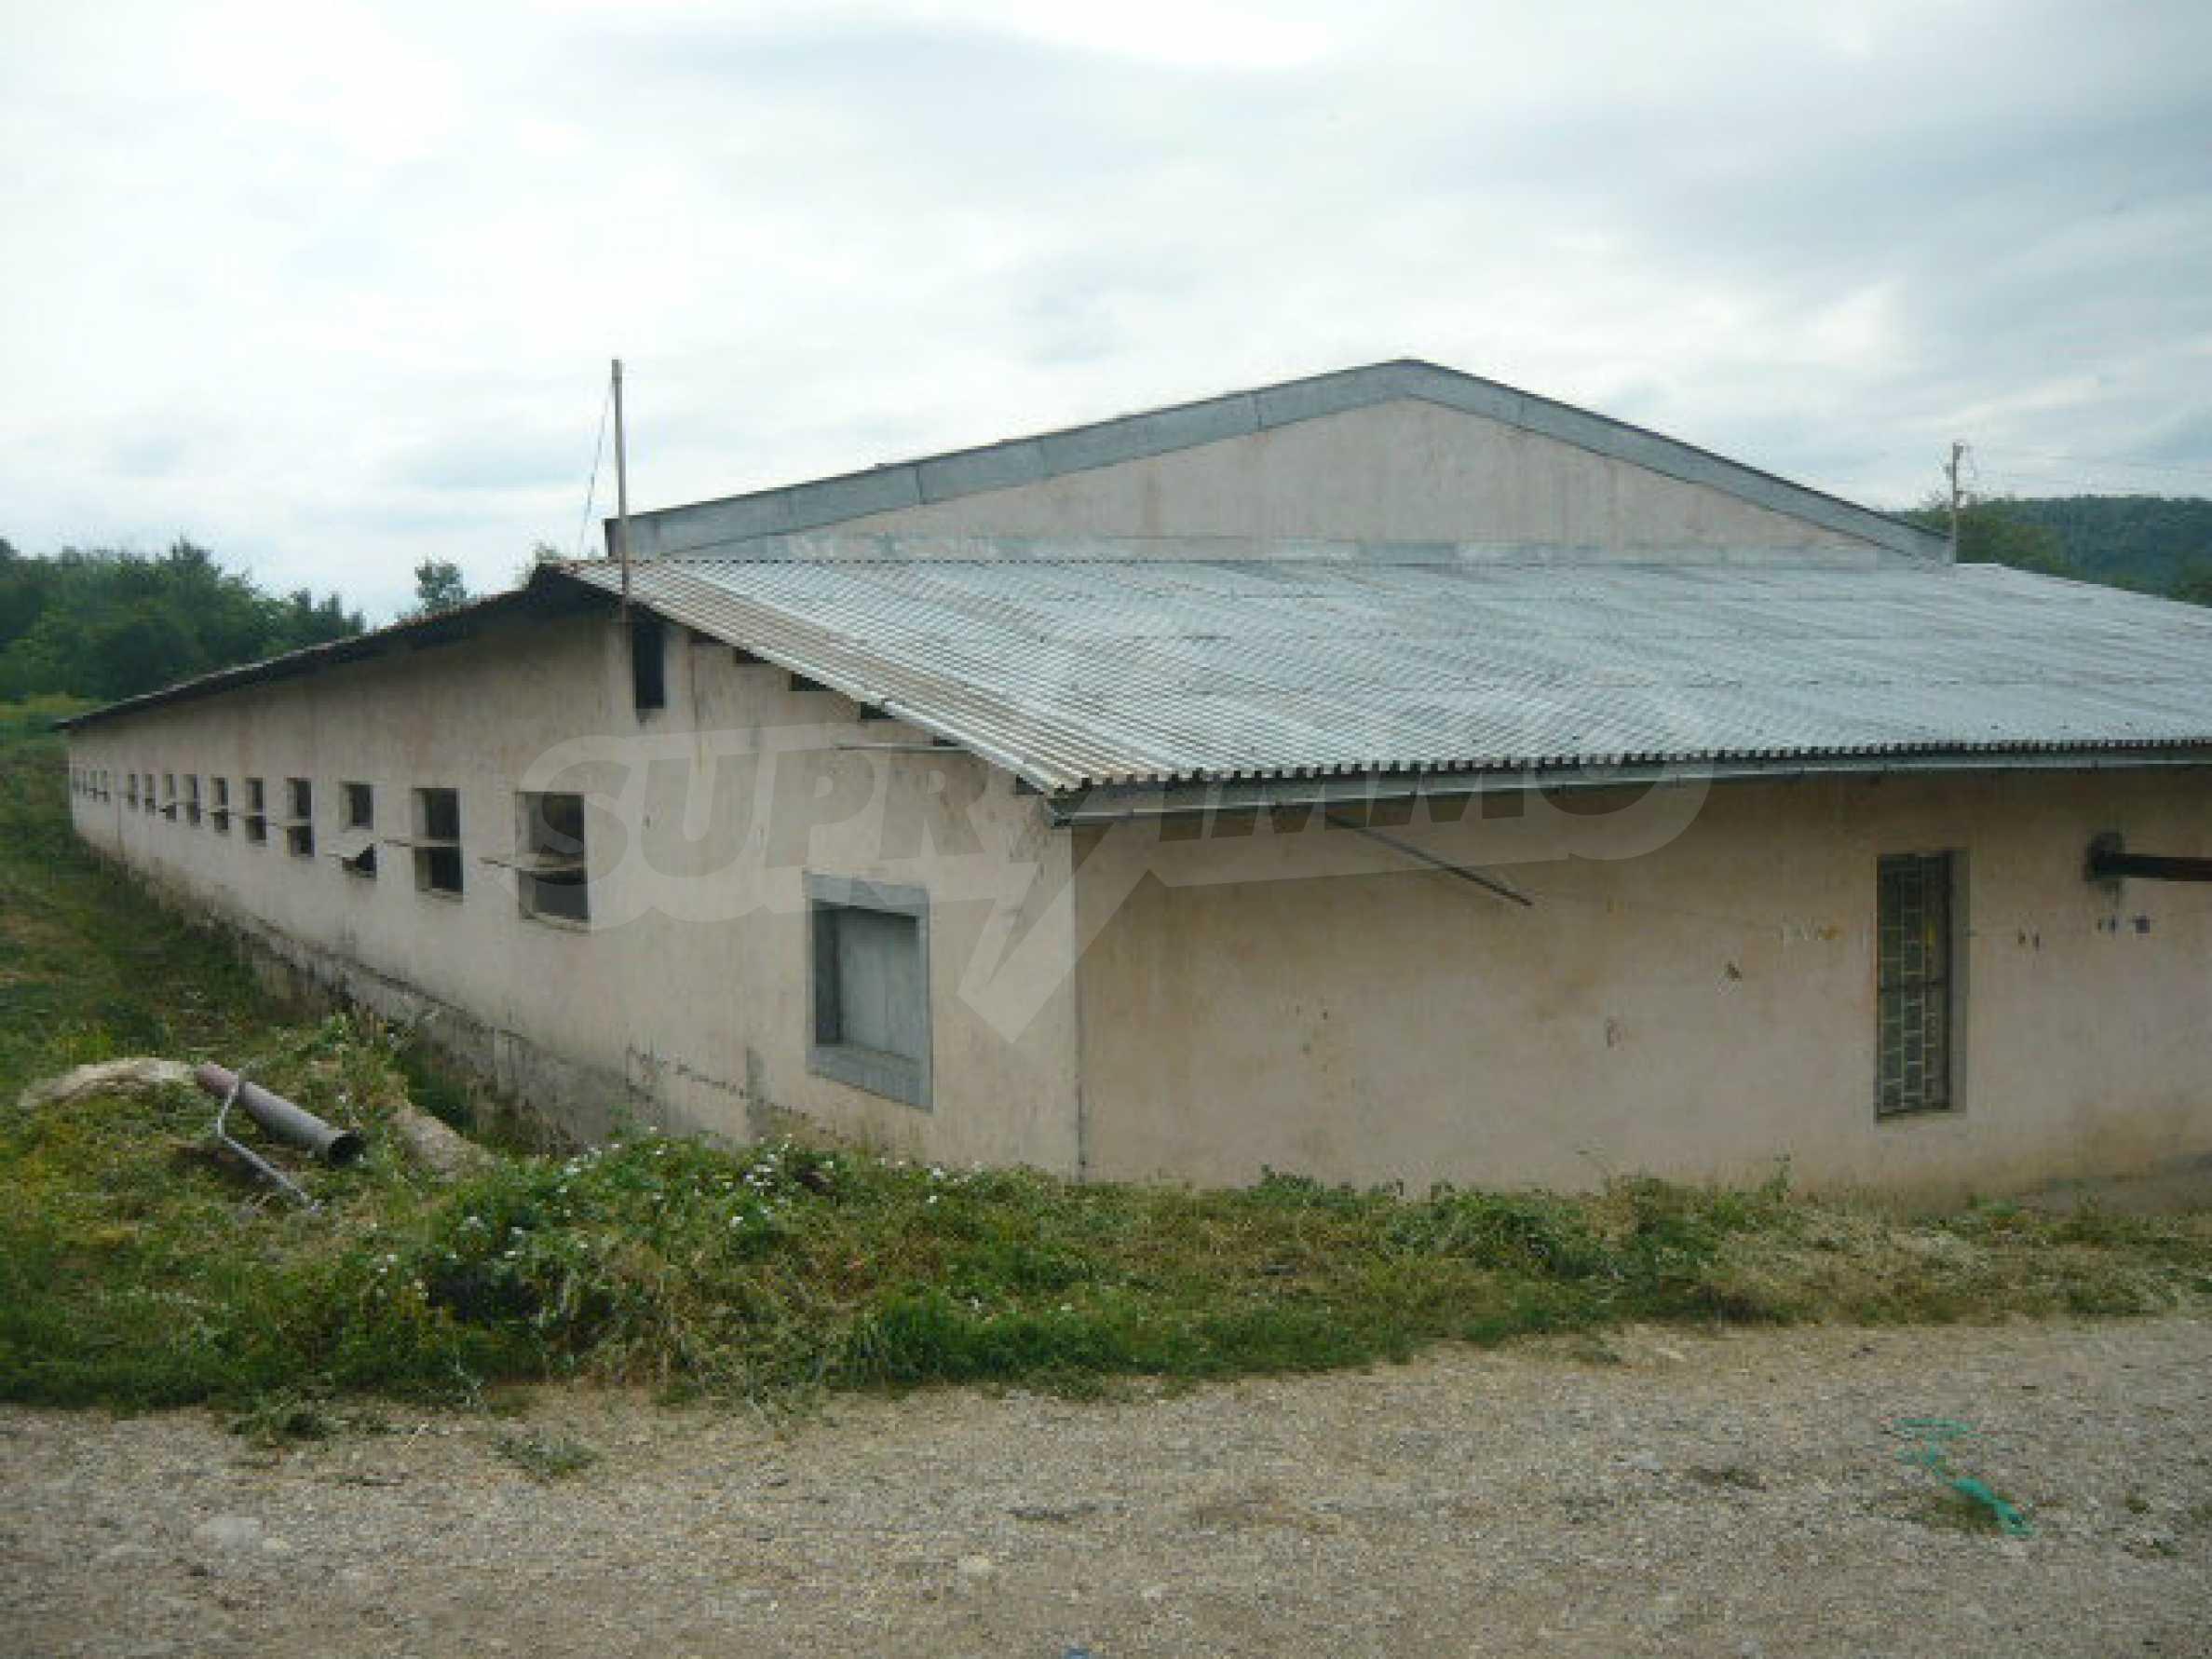 Neues Bauernhaus in einem Dorf in der Nähe von Veliko Tarnovo 18